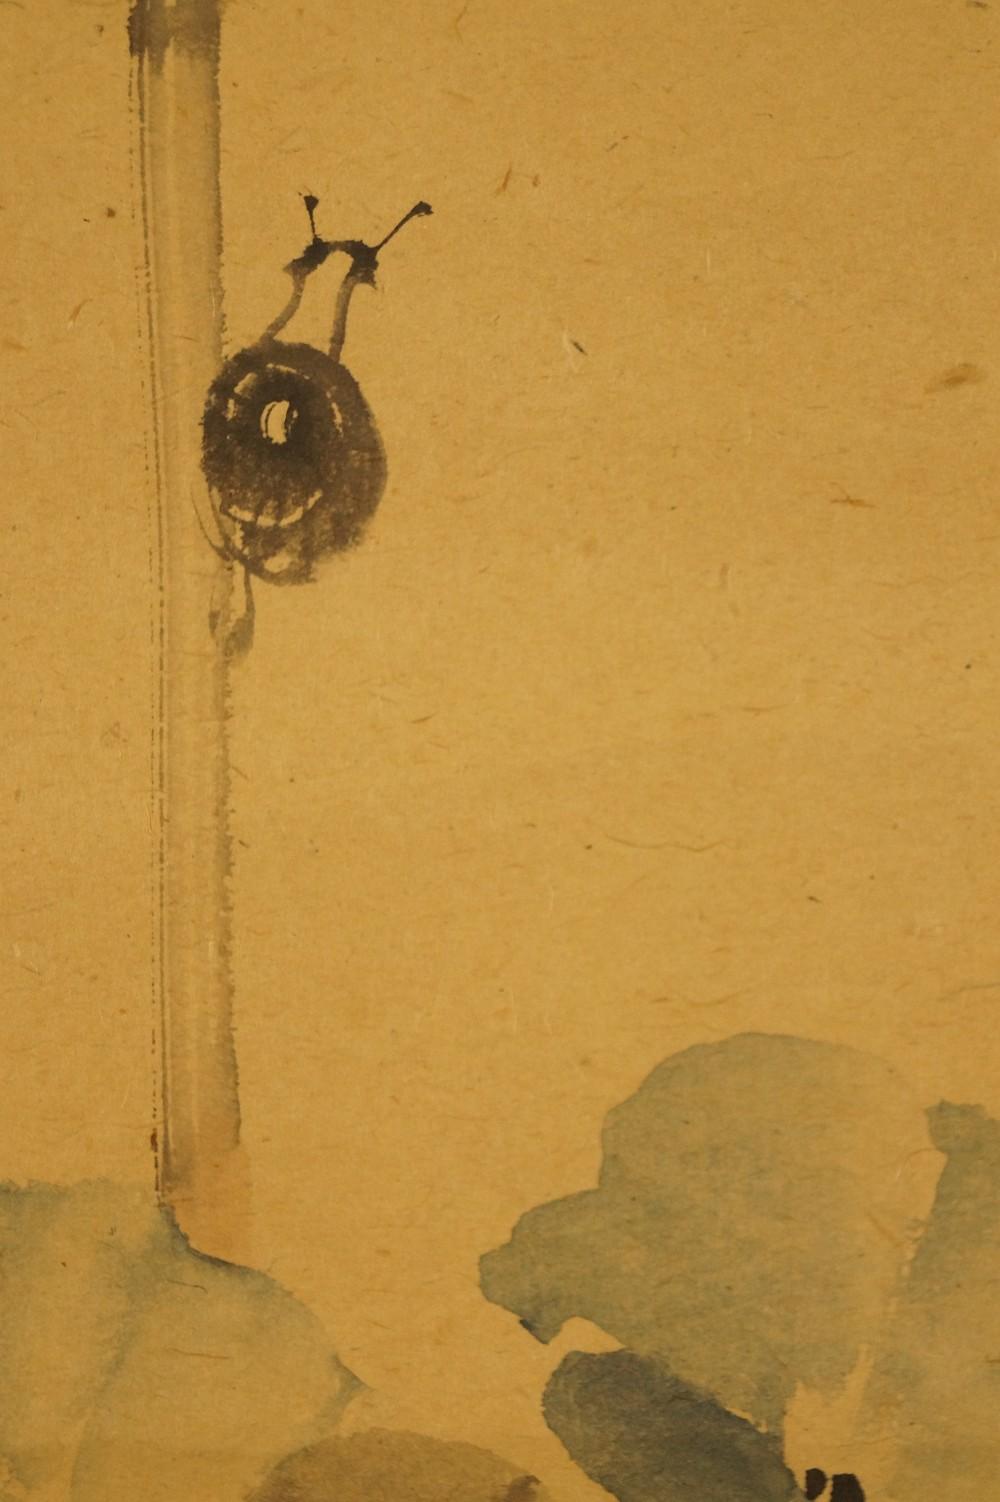 Die Schnecke auf der Lotusblume - japanisches Rollgemälde (Kakejiku, Kakemono)